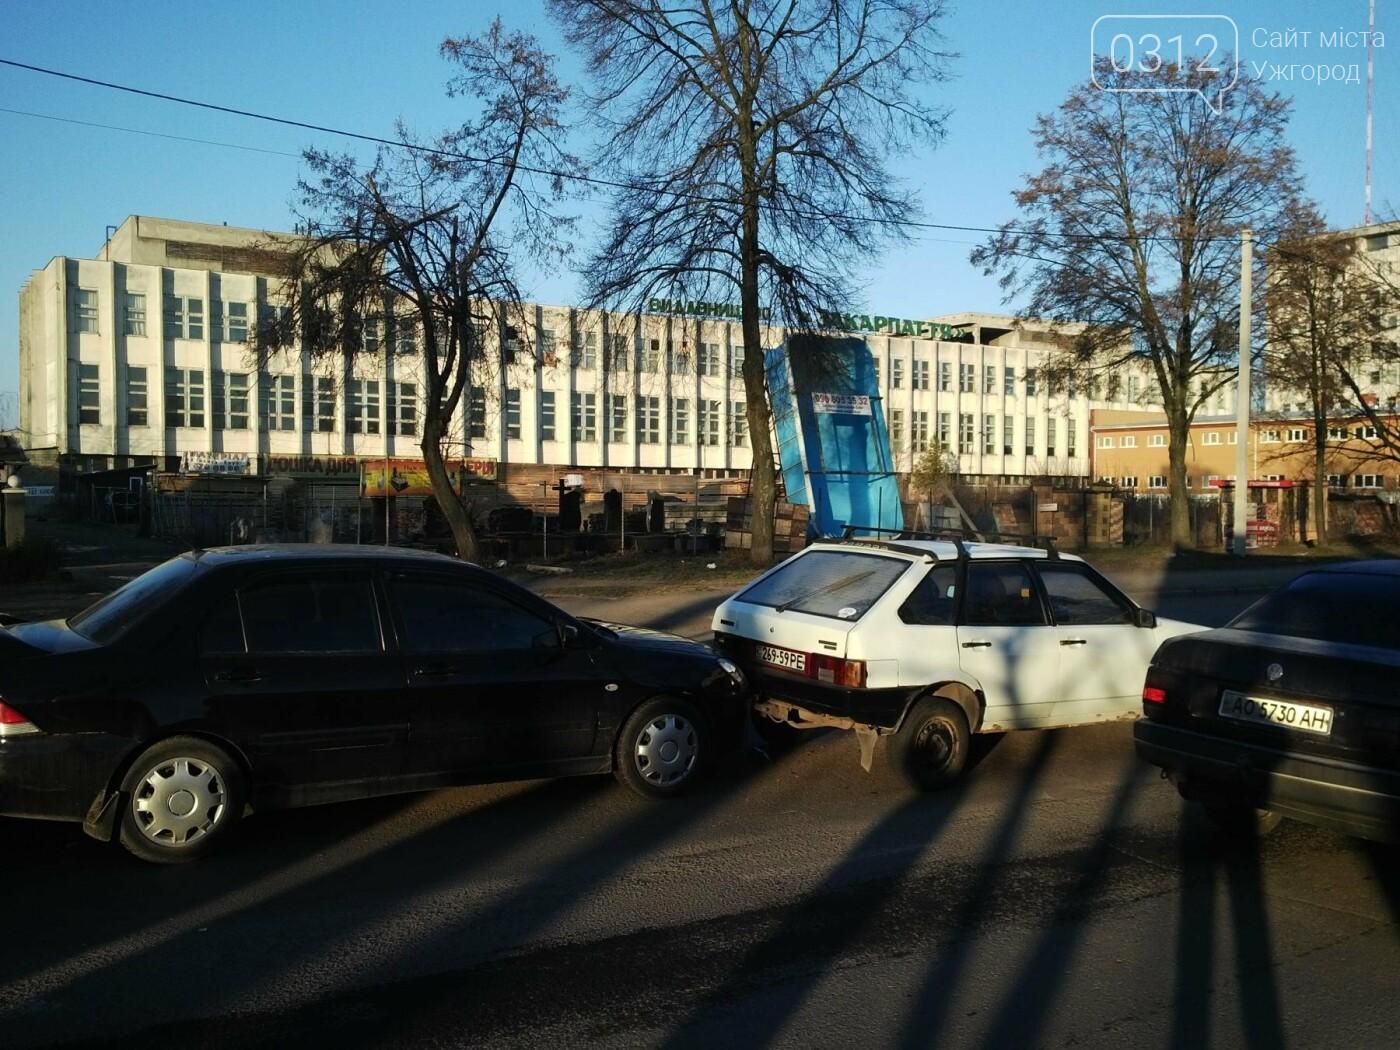 """В Ужгороді на Гагаріна аварія за участі 4-ох авто: зіткнулися """"Ауді"""", """"Мерседес"""", """"Мітсубісі"""" і """"ВАЗ"""" (ФОТО), фото-5"""